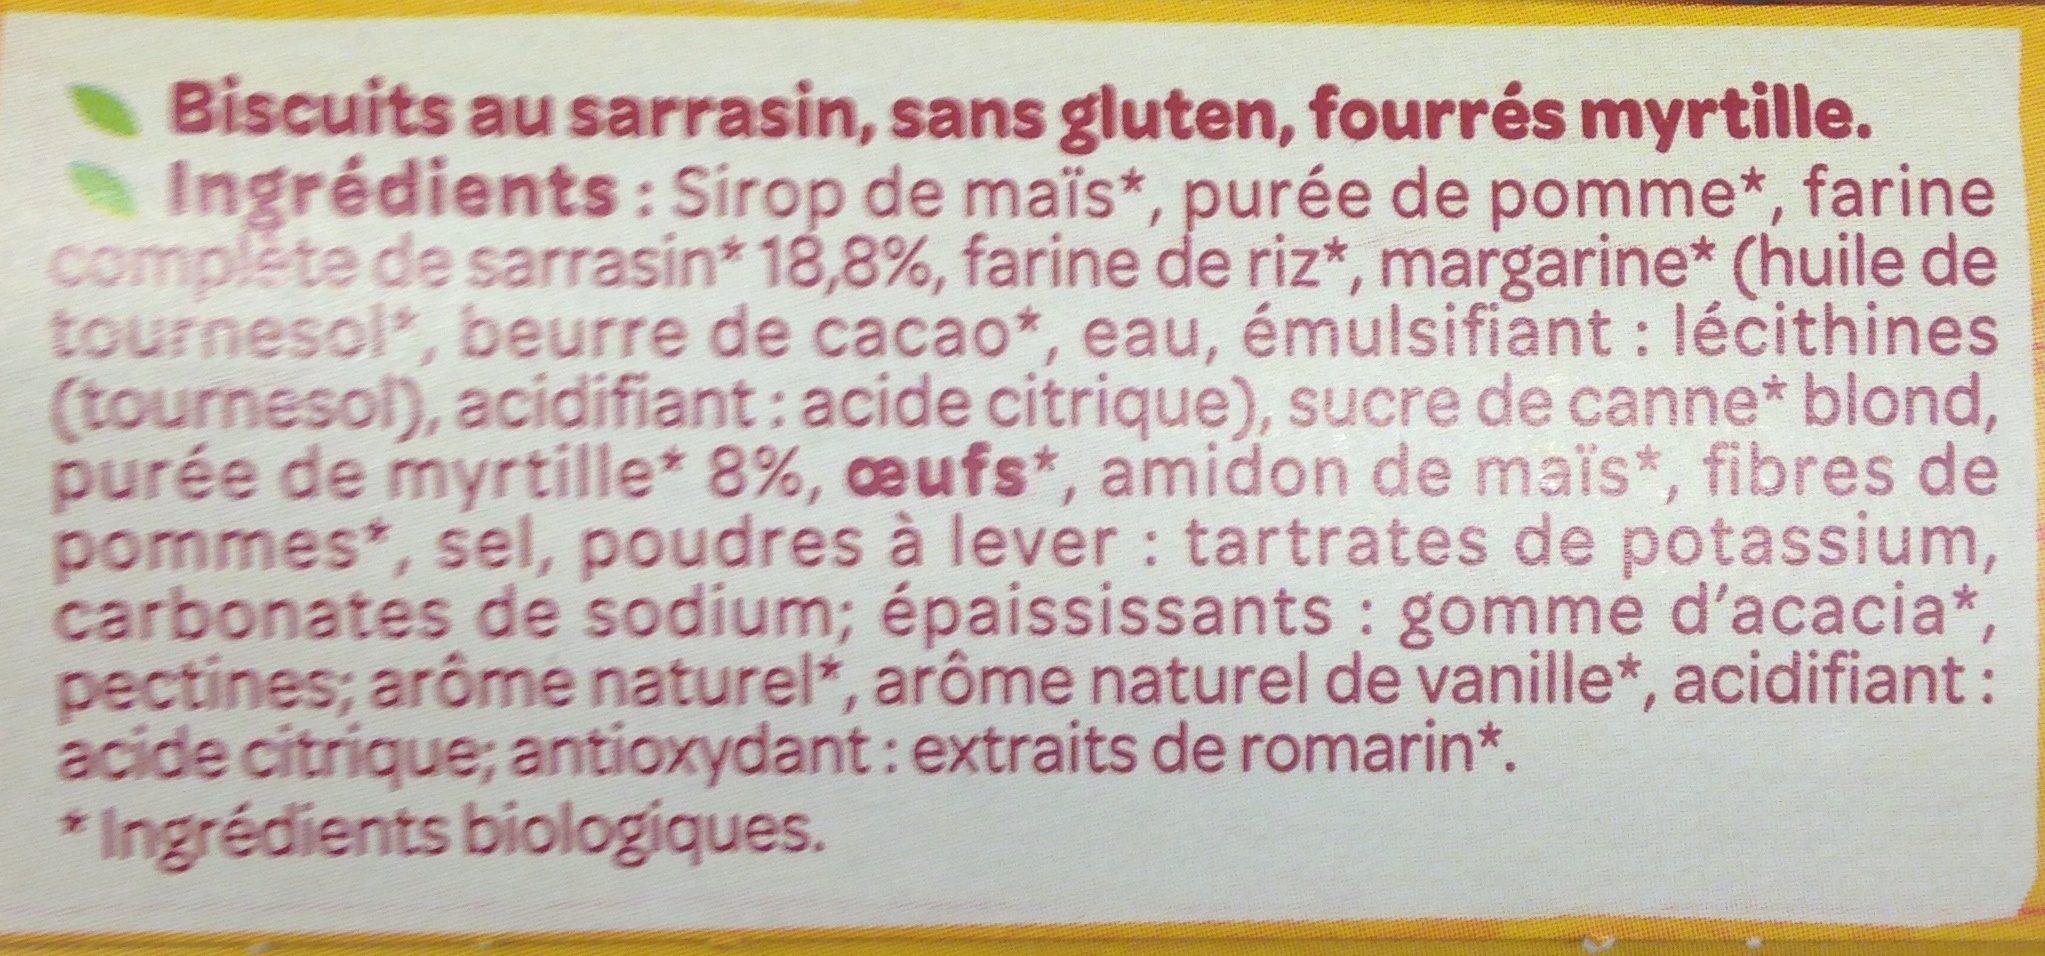 Petit fourré myrtille - Ingrediënten - fr